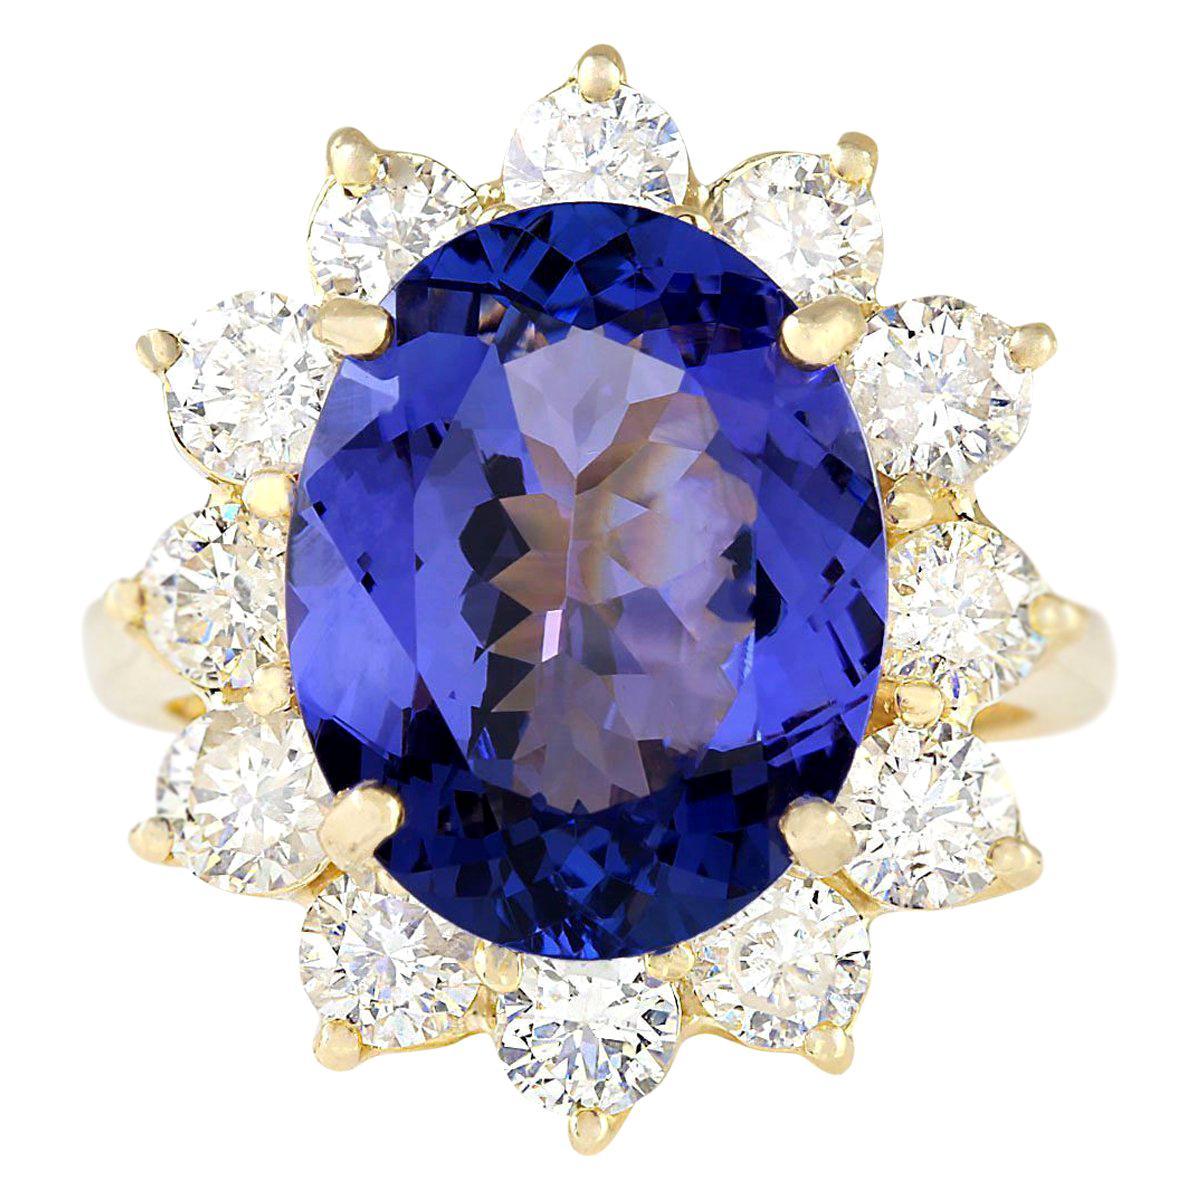 10.50 Carat Tanzanite 18 Karat Yellow Gold Diamond Ring